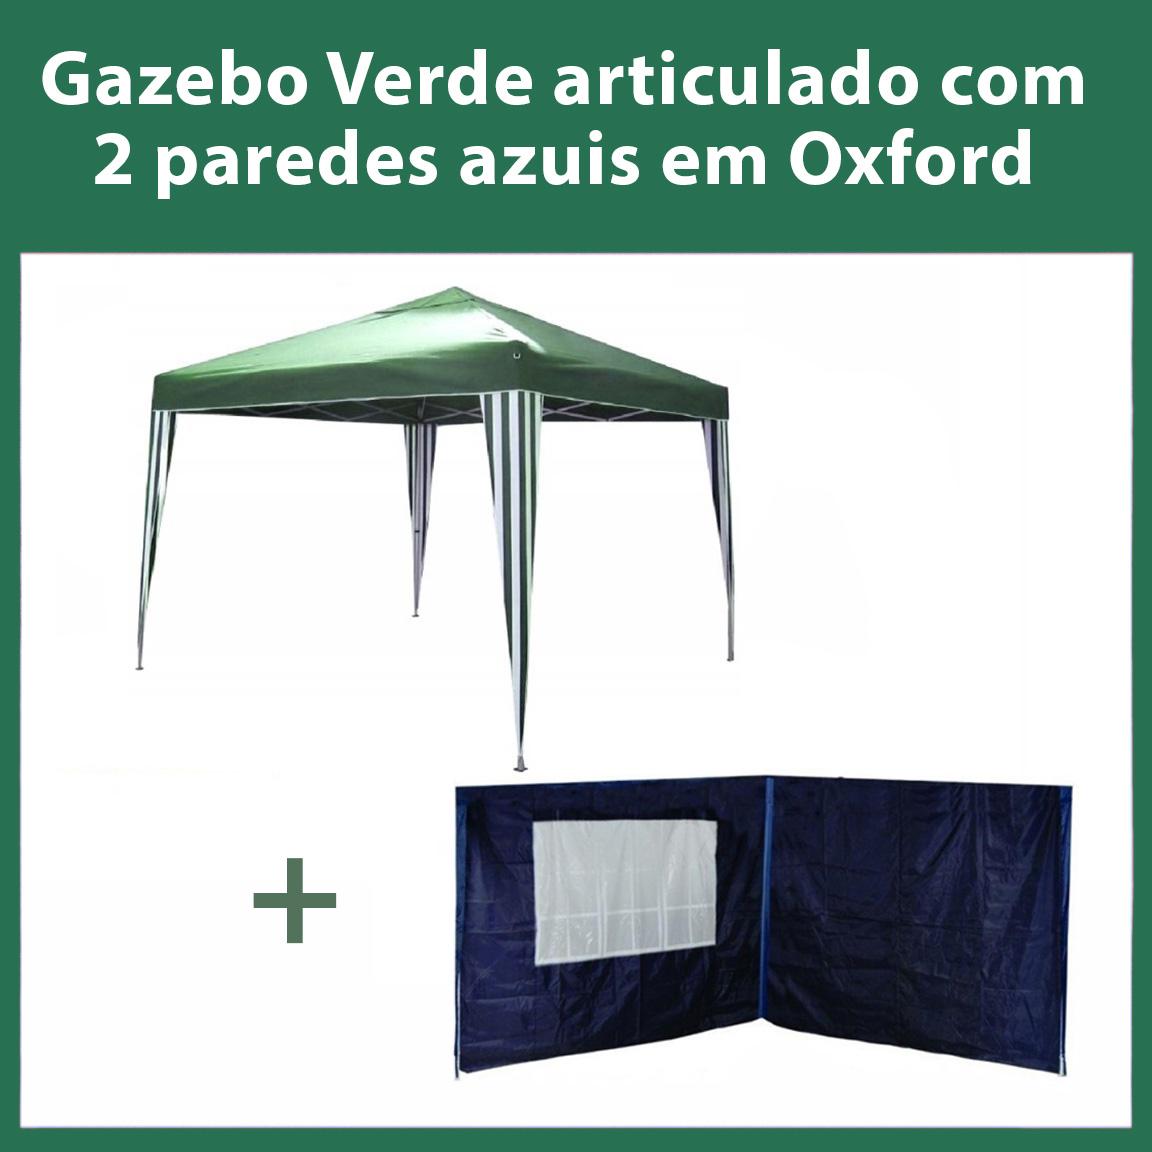 Gazebo 3x3 Articulado Verde em Aço + 2 Paredes Azuis de Oxford Eleva Mundi